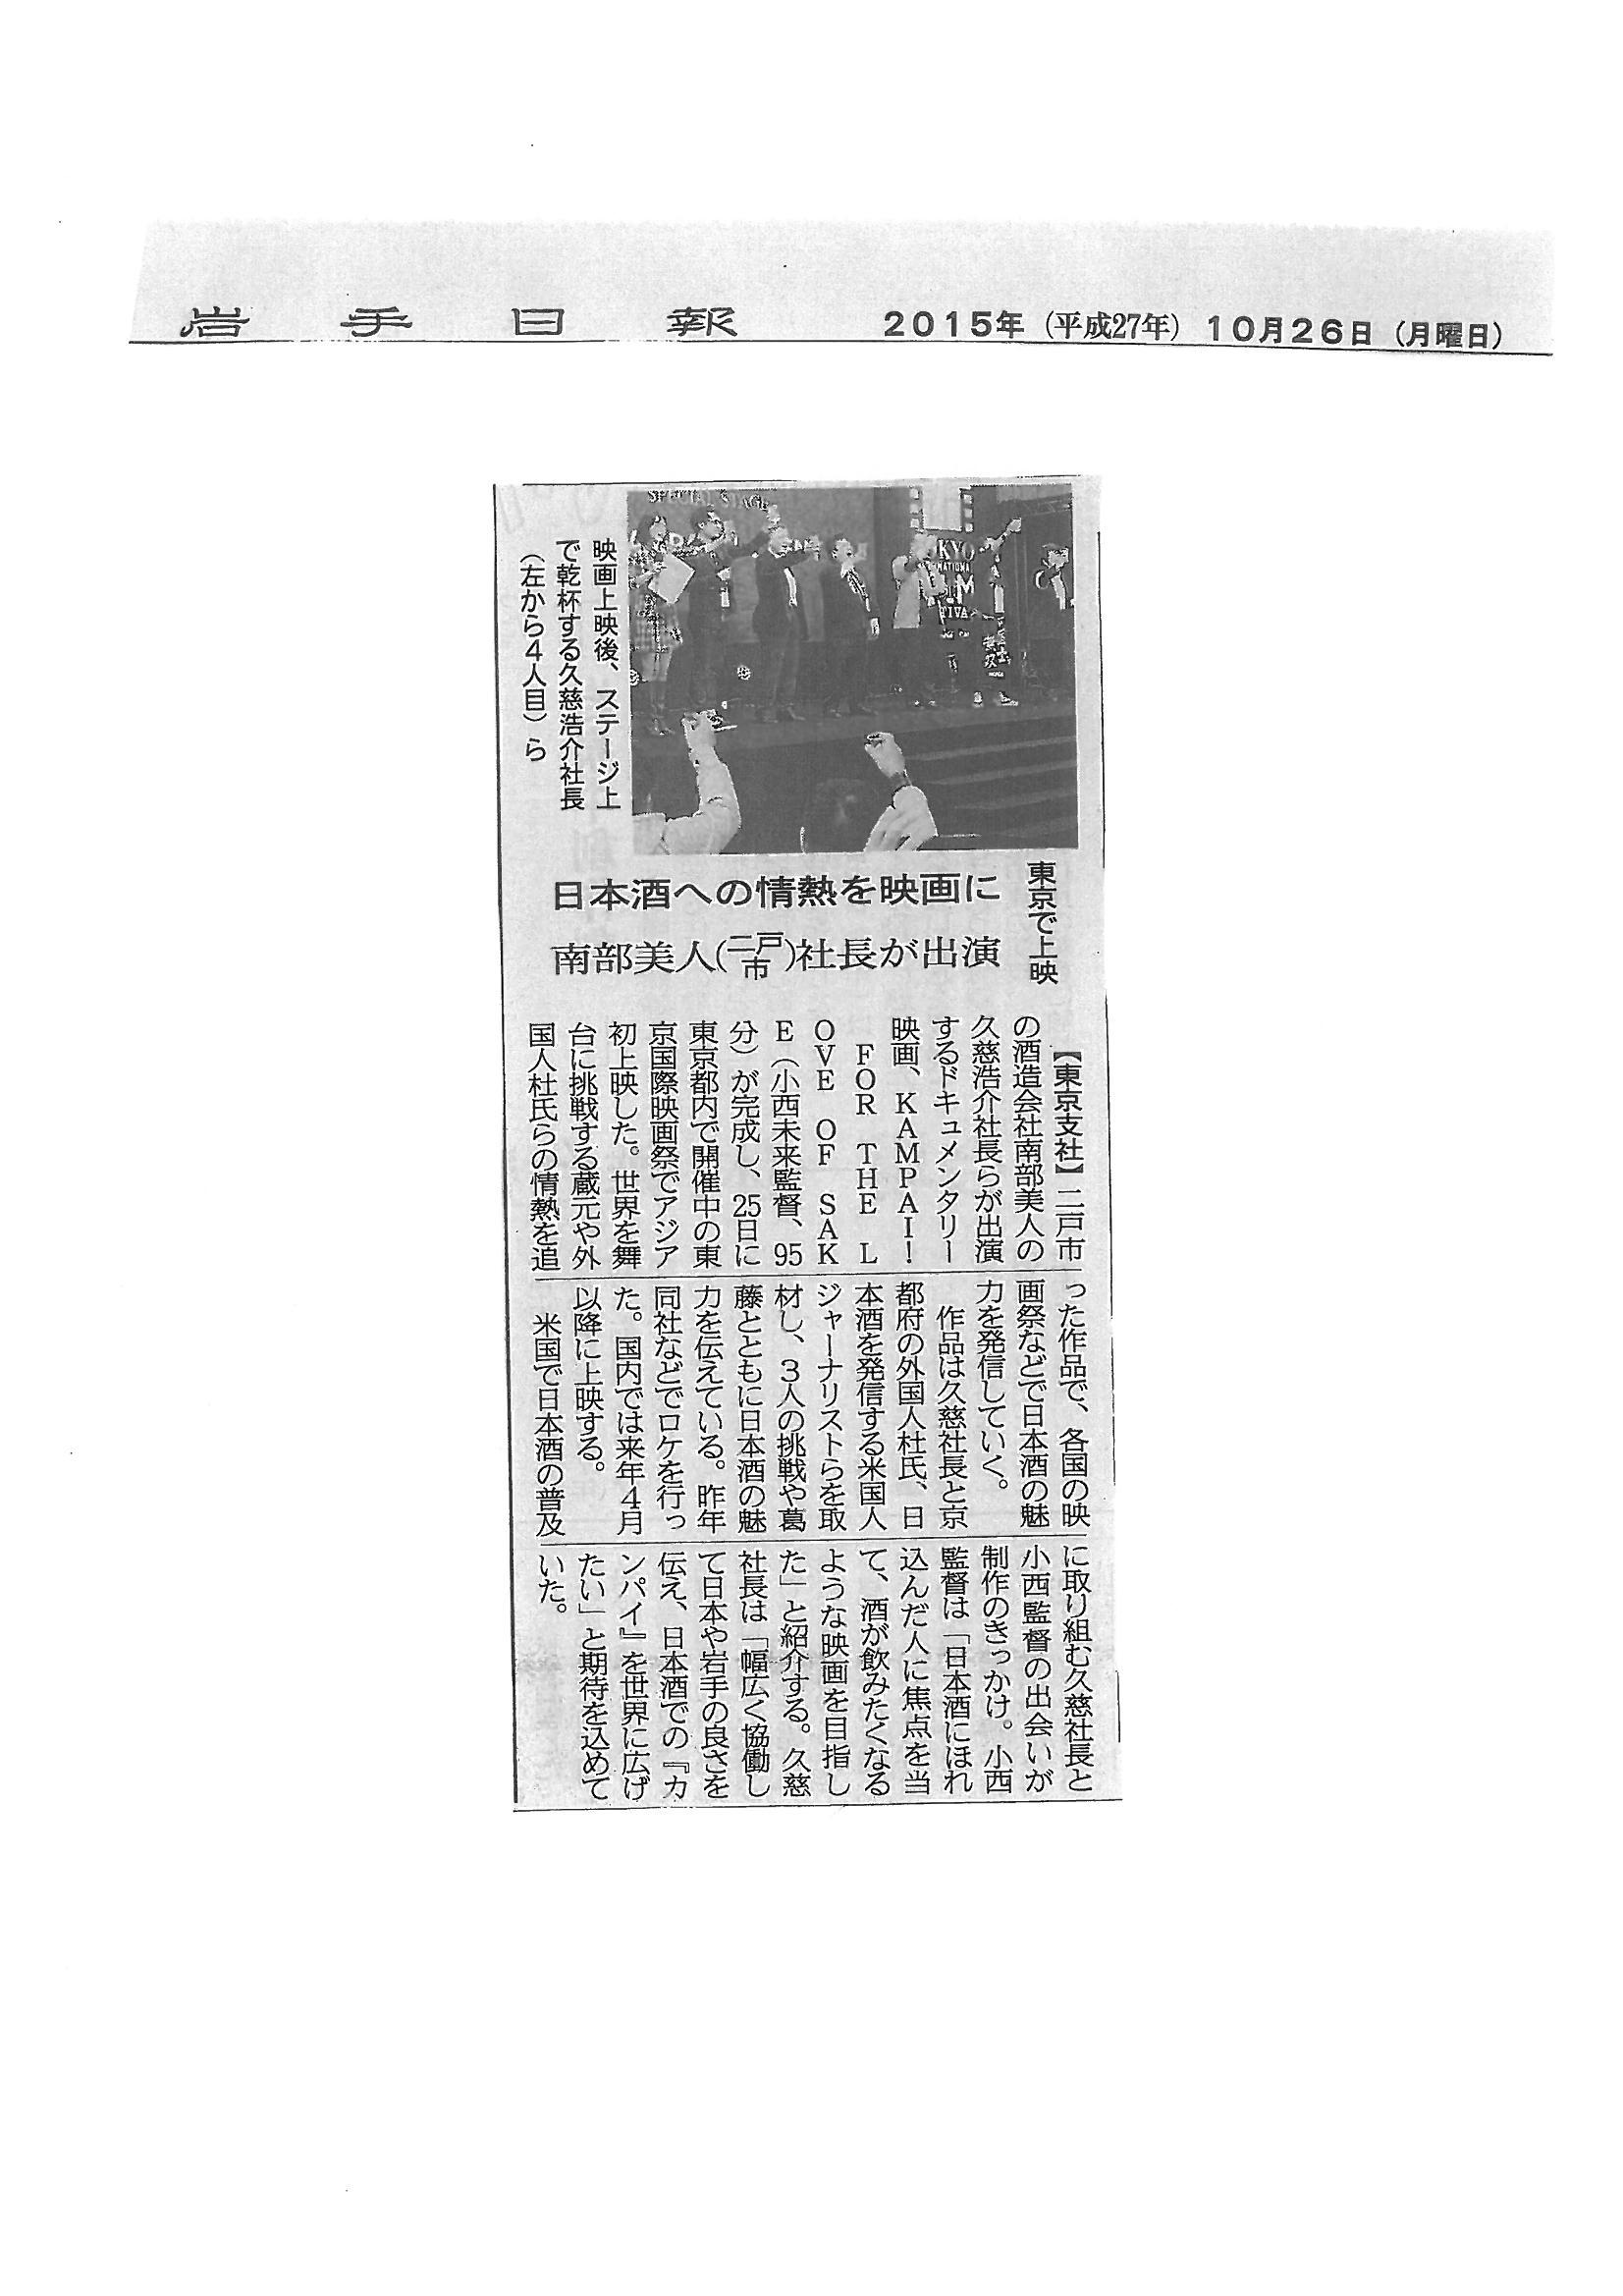 20151026岩手日報KAMPAI